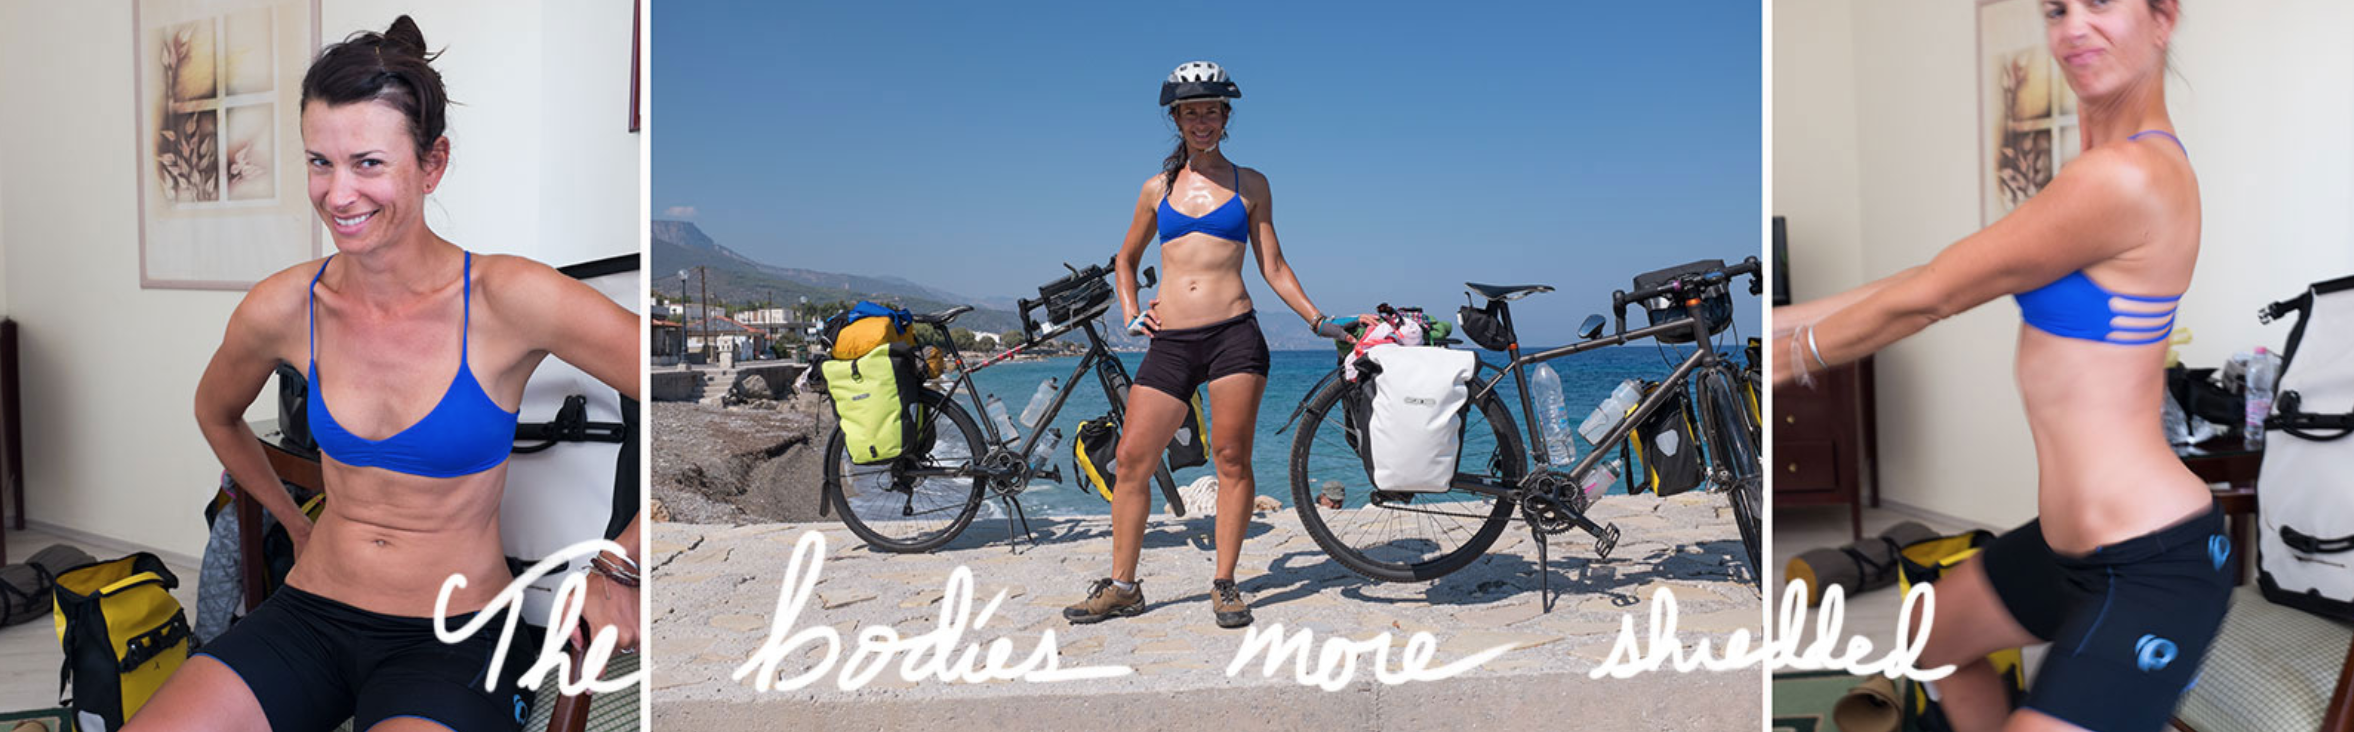 diephuis-trip-bike-3000-miles43.png